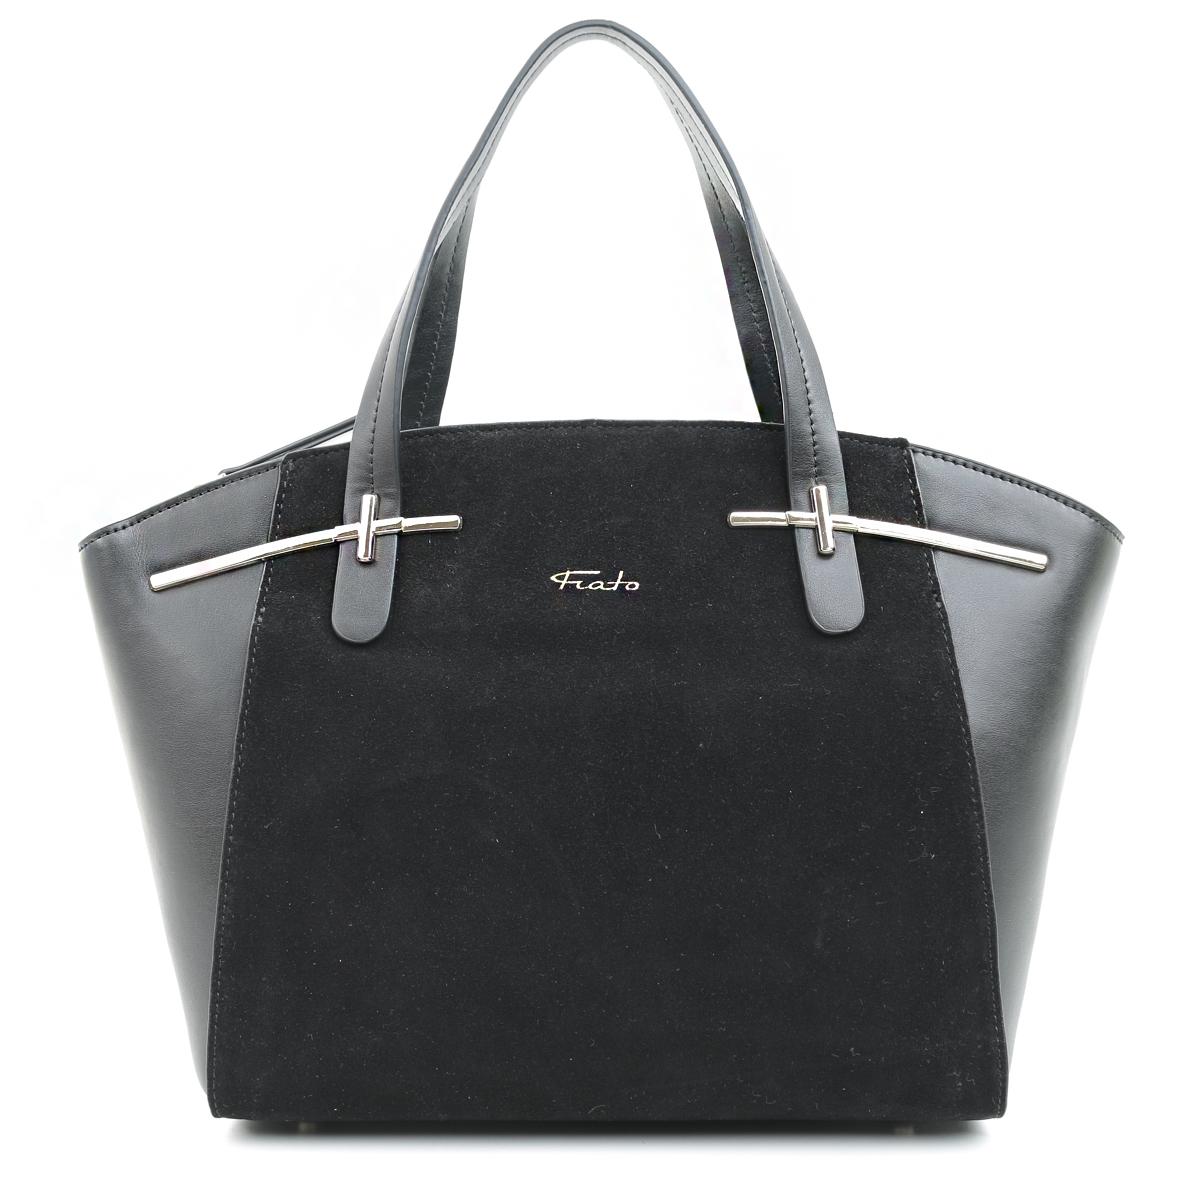 5432 Fiato  кожа /замша черный (сумка женская)